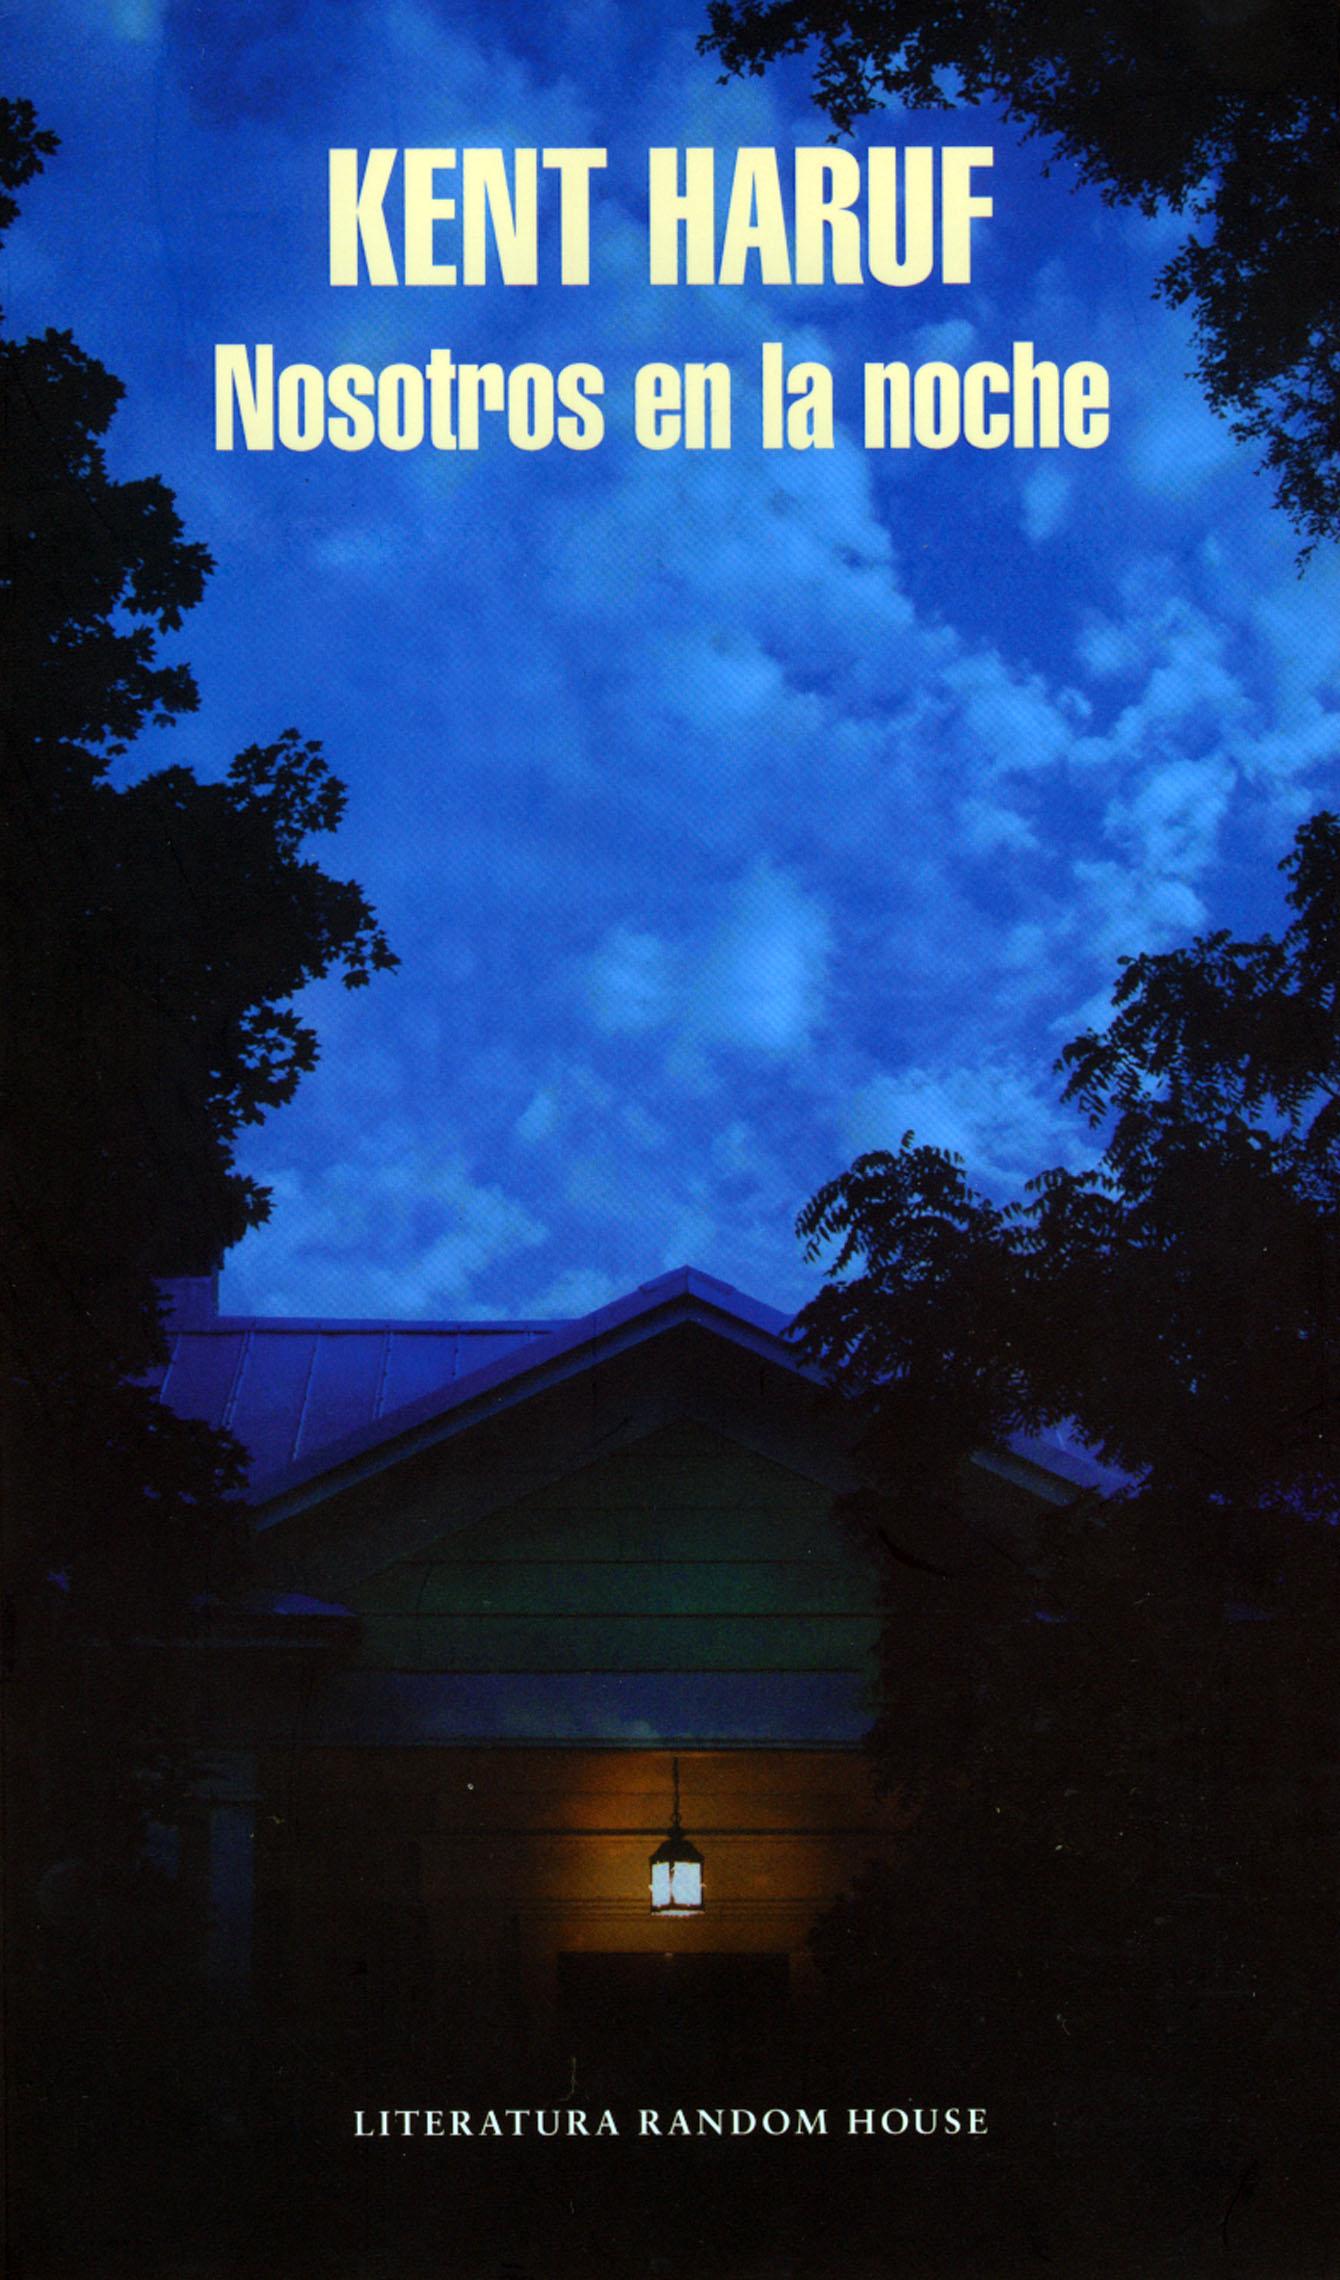 Nosotros en la noche